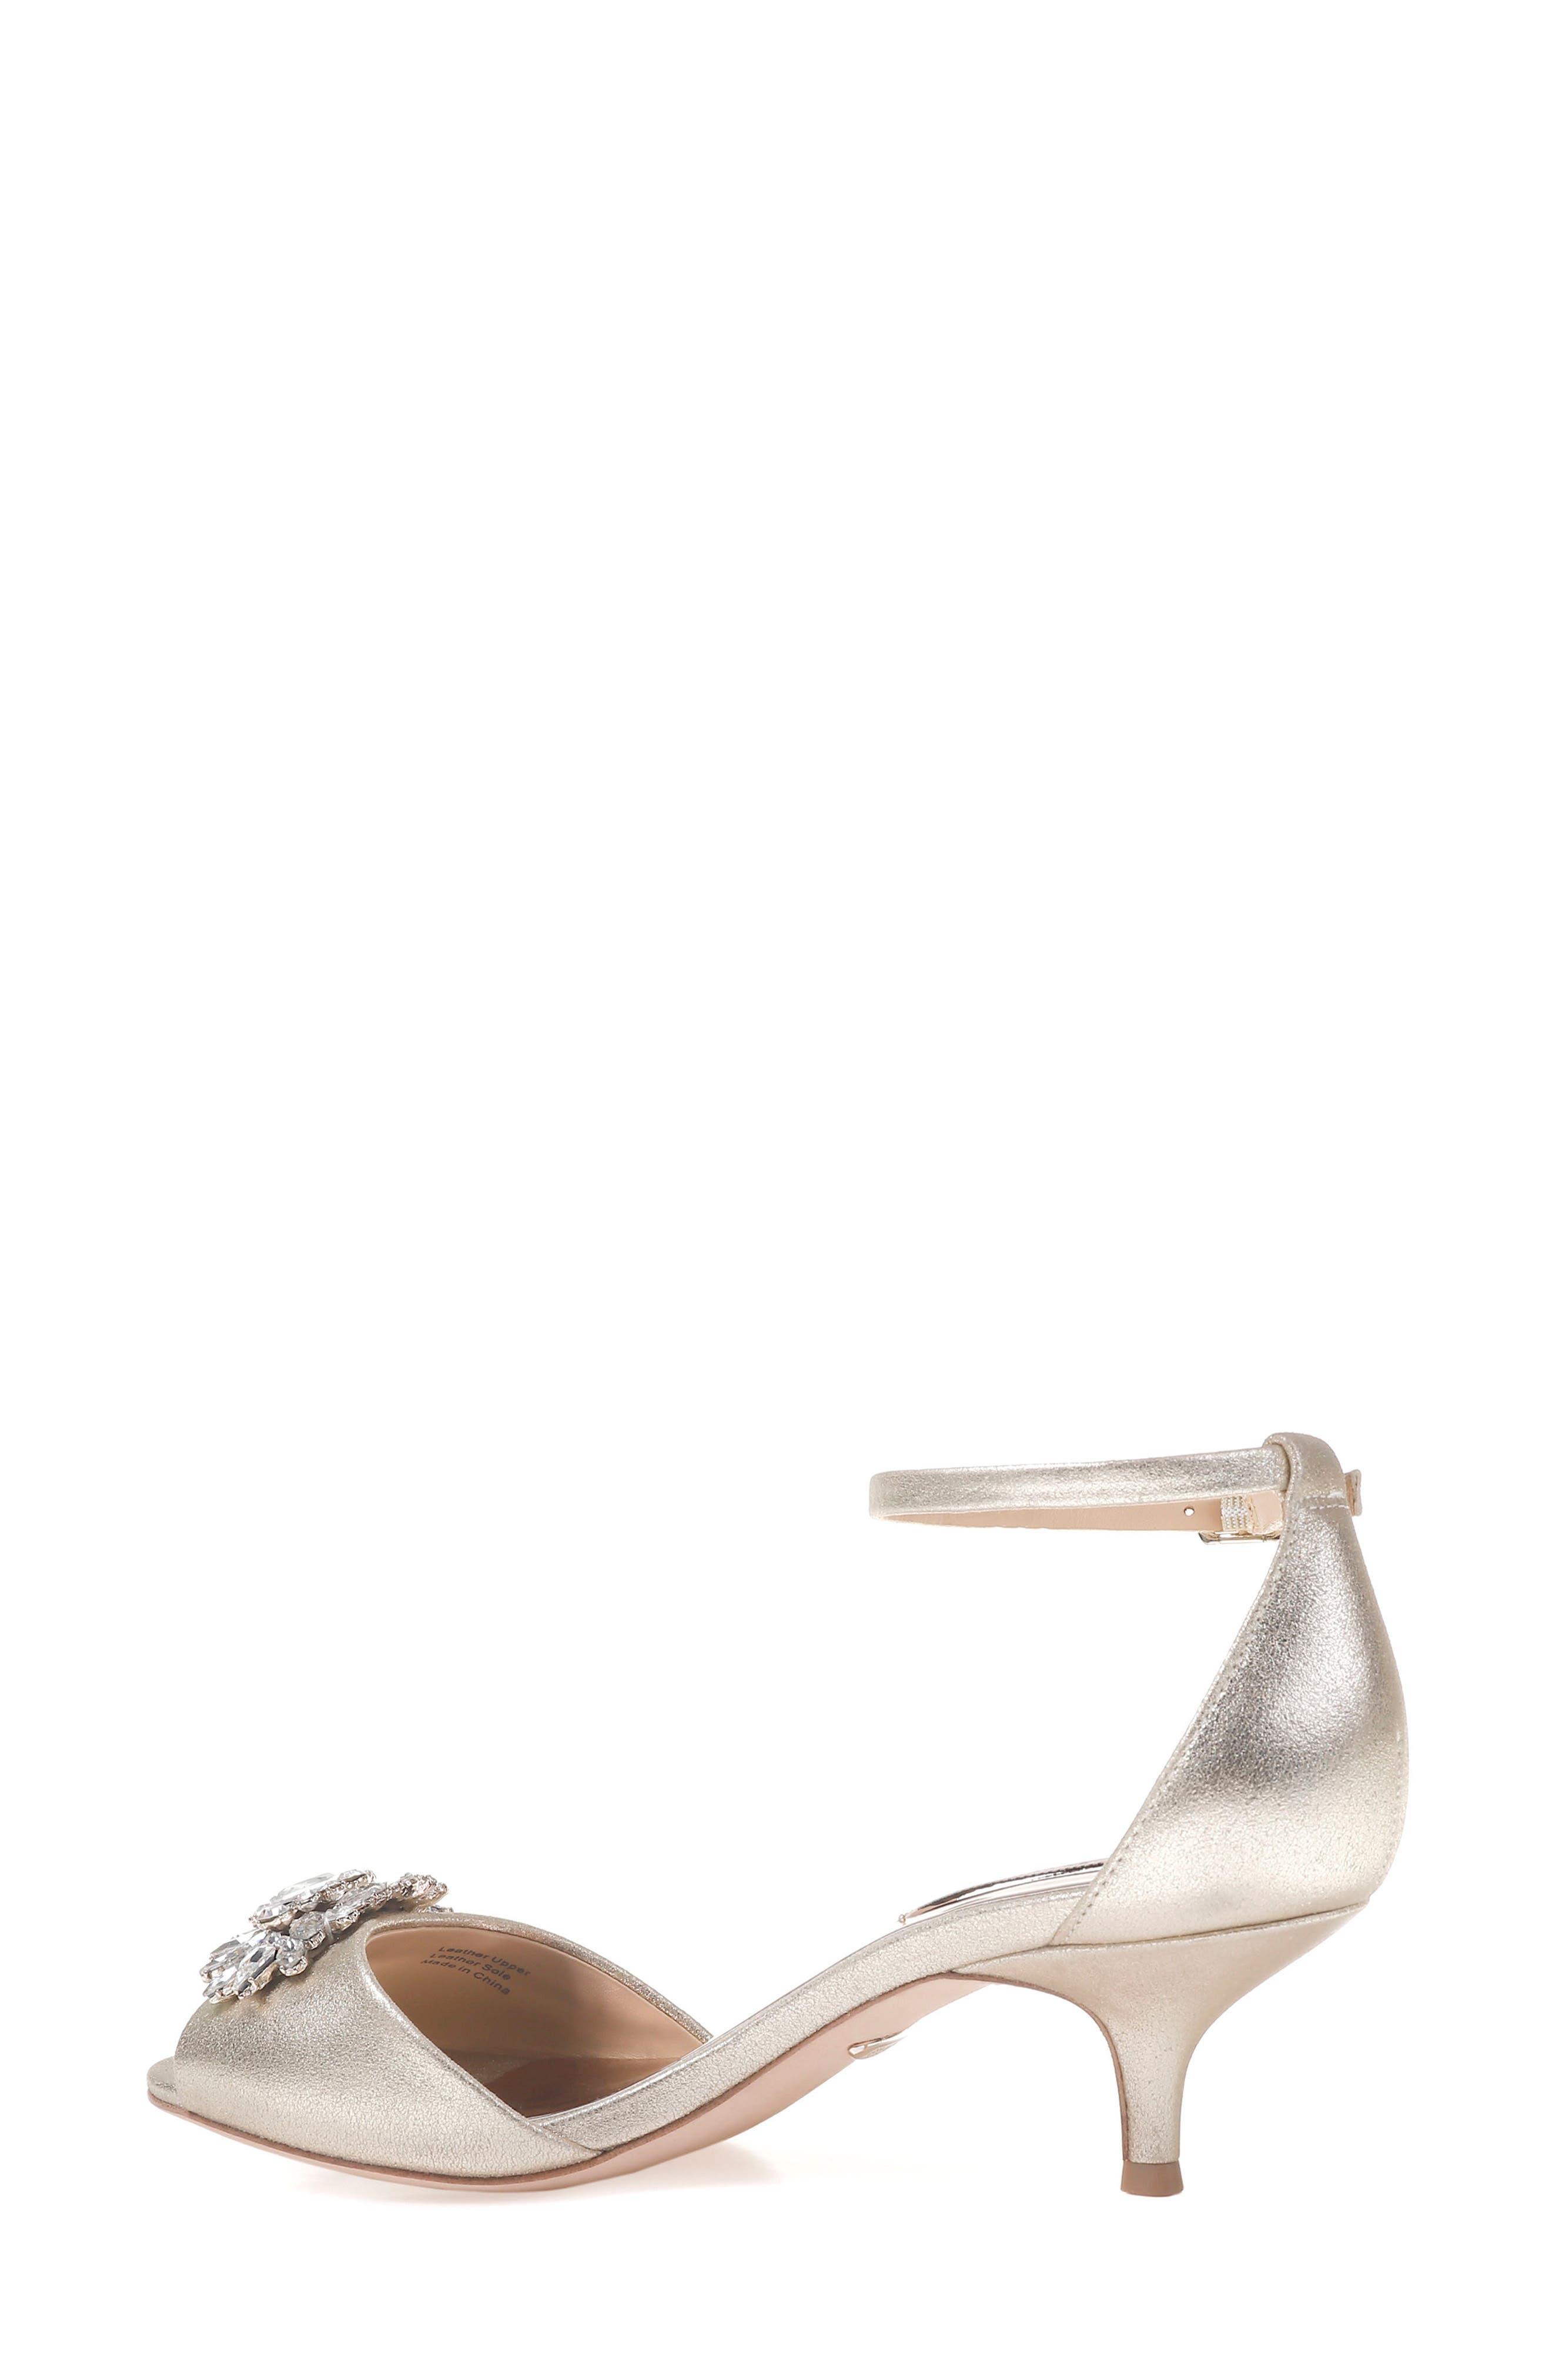 Sainte Crystal Embellished Sandal,                             Alternate thumbnail 10, color,